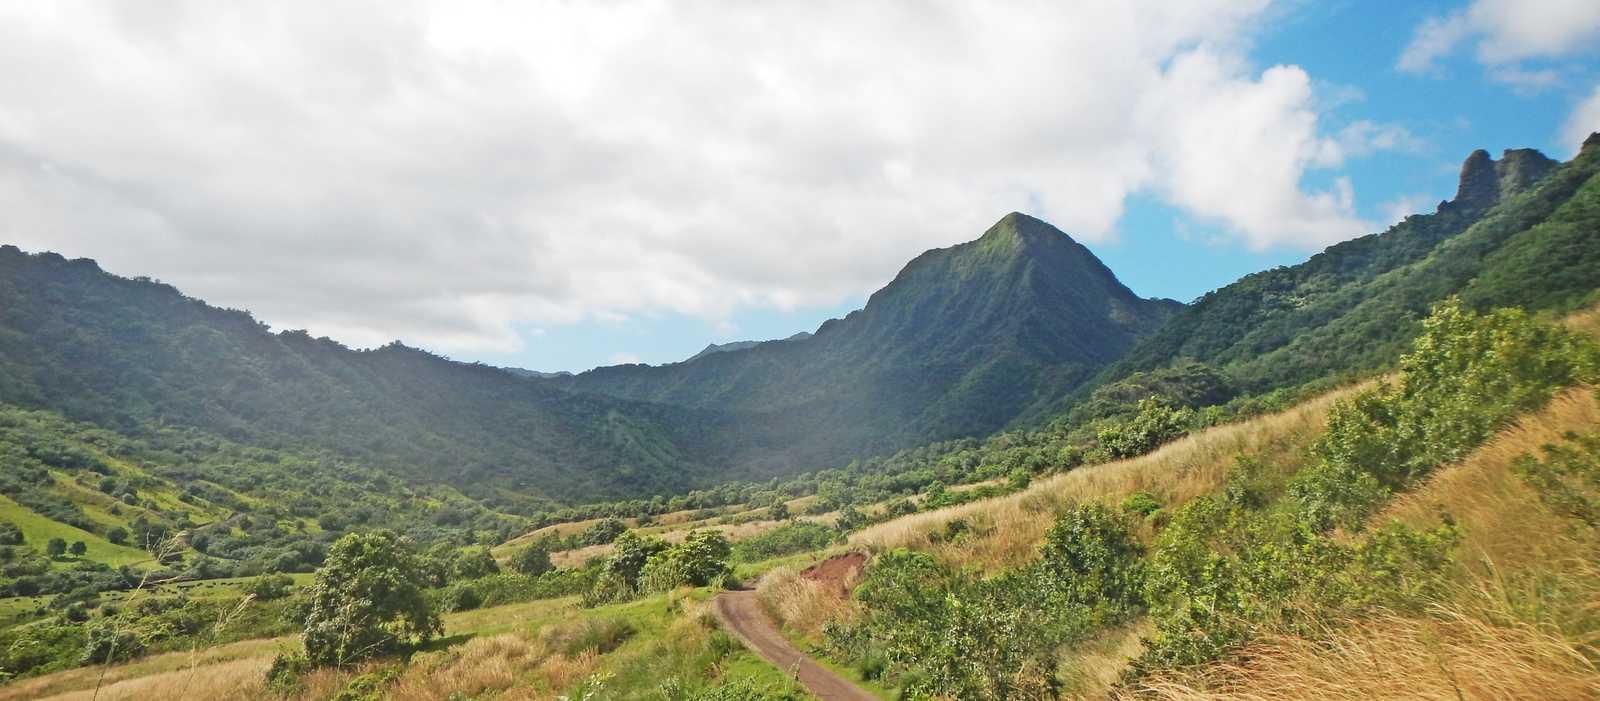 Landschaft im Tal der Kualoa Ranch